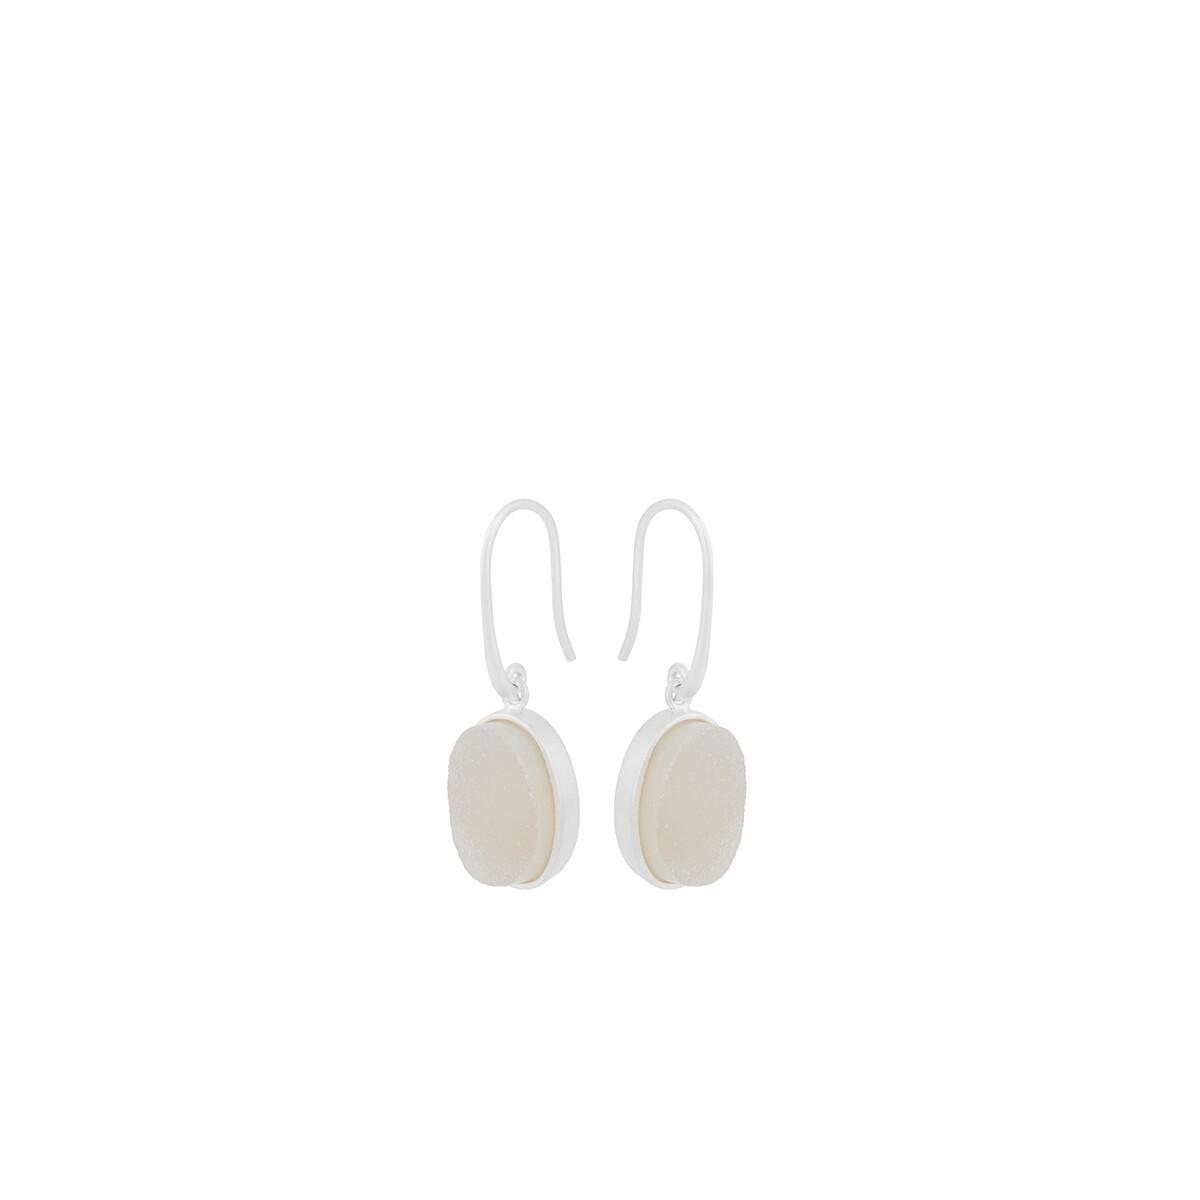 Pernille Corydon - Øreringer Haze Earrings Sølv